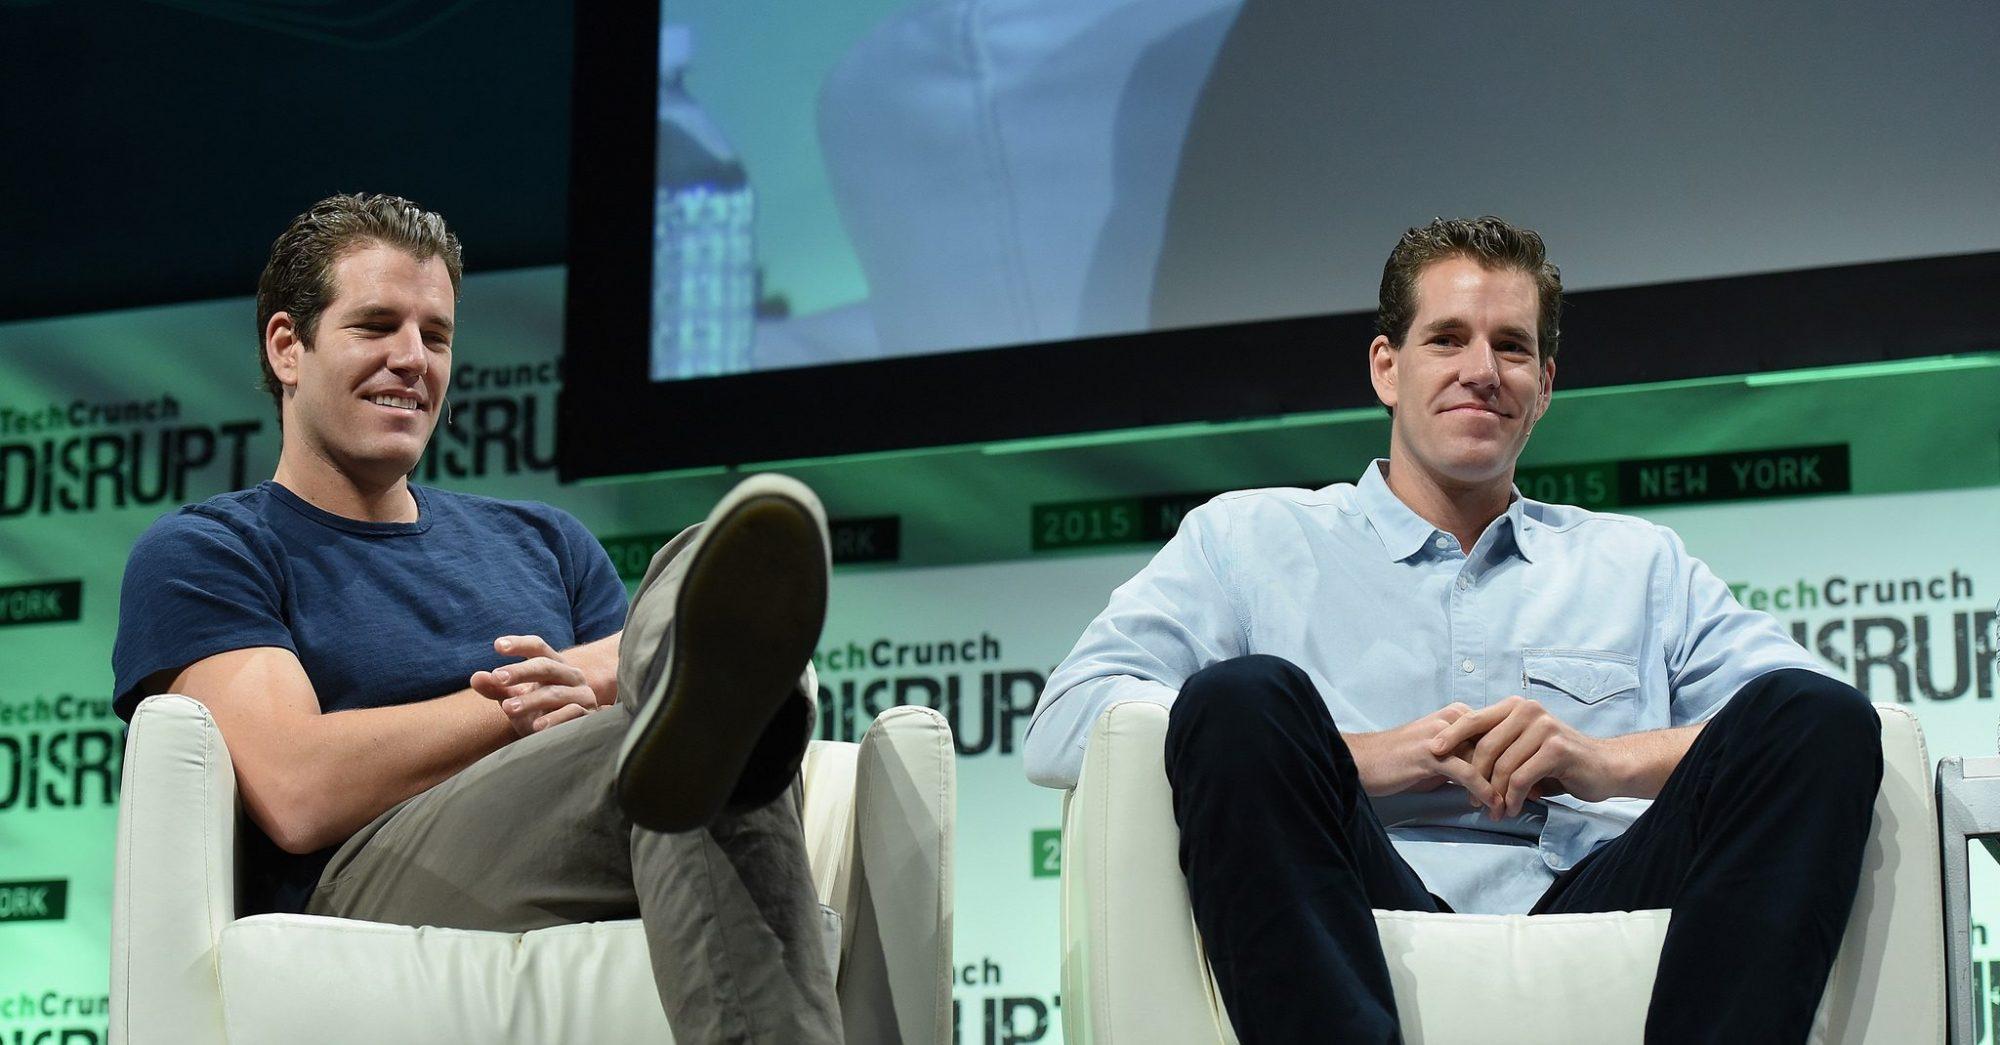 Bratři Winklevossovi, zakladatelé směnárny Gemini, drží v kryptoměně bitcoin přes miliardu dolarů